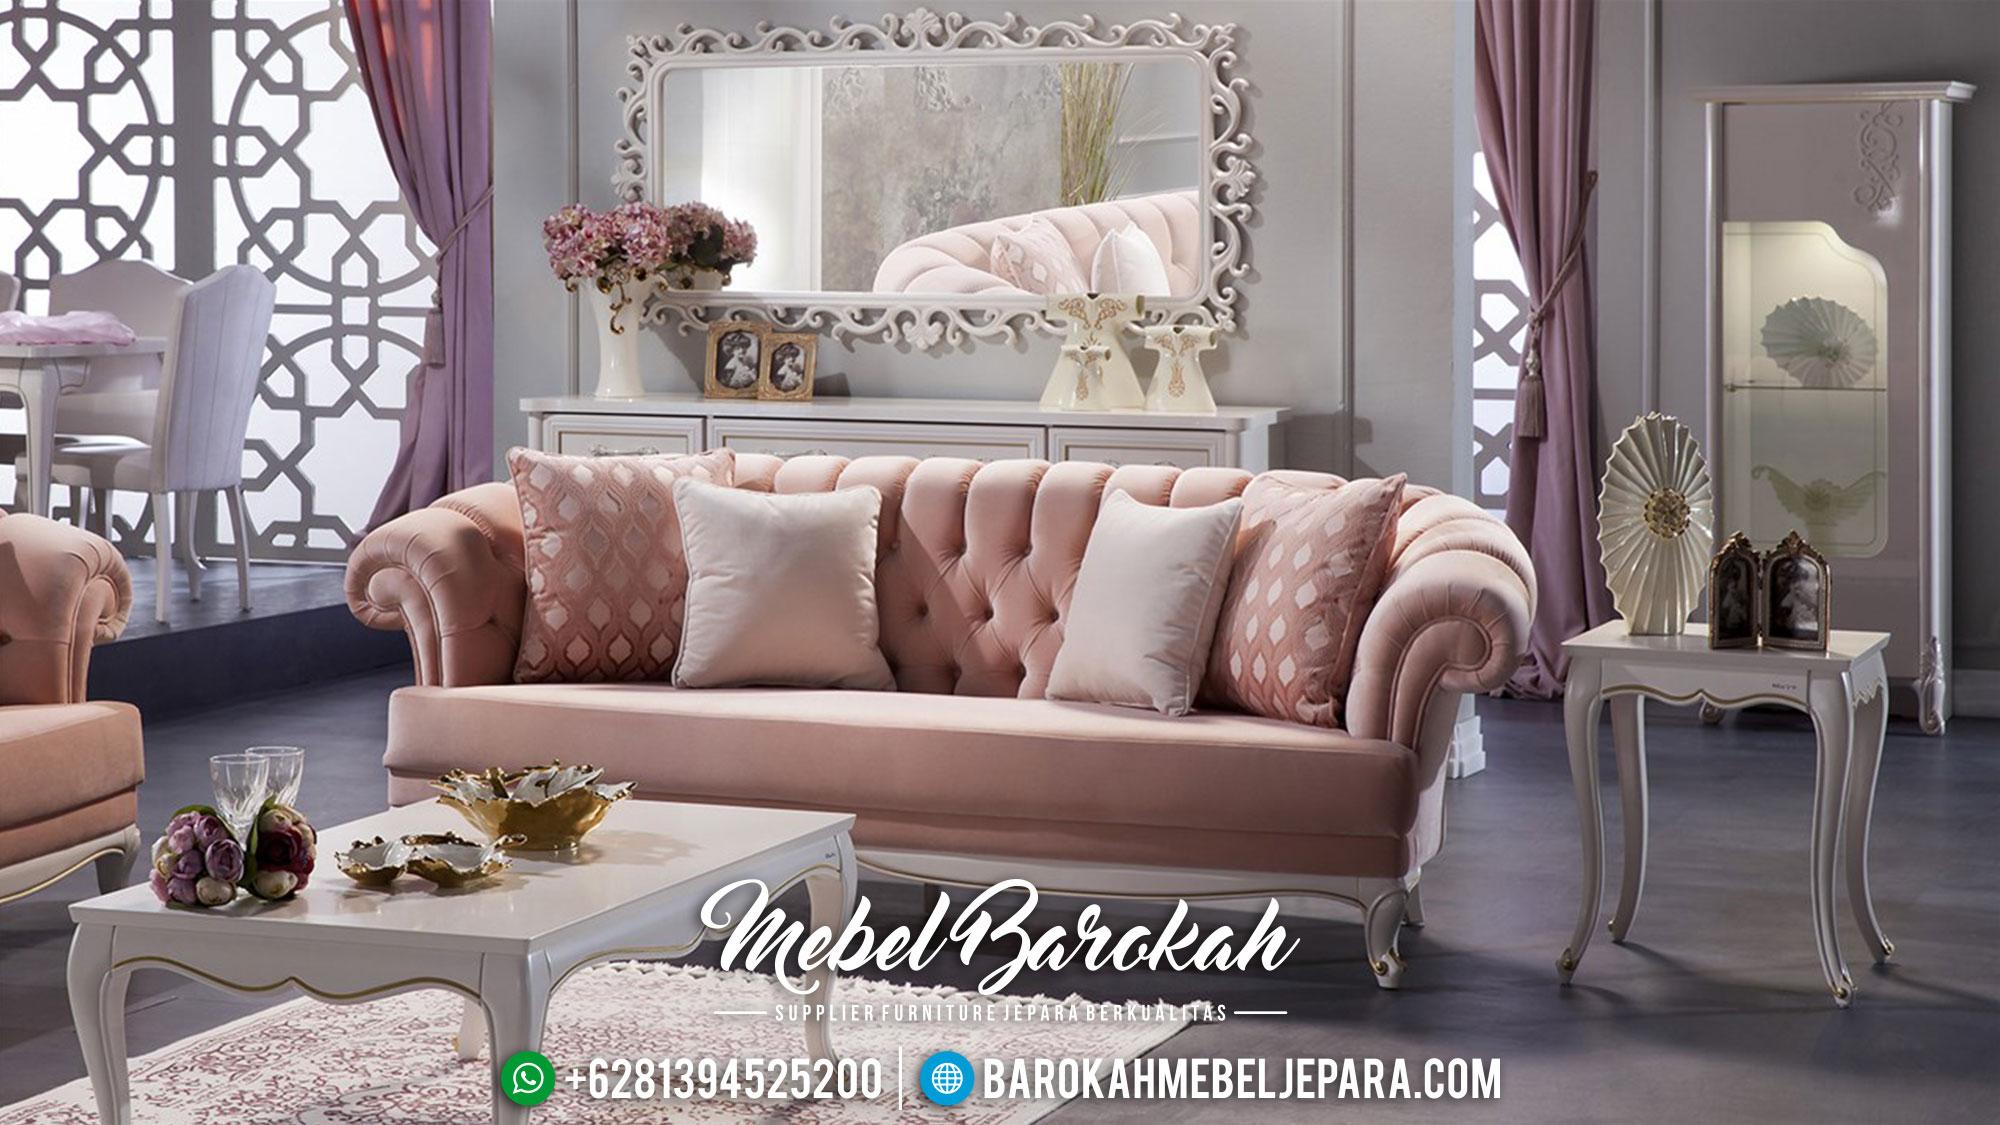 Sofa Tamu Mewah Jepara MB-001 Gambar 1